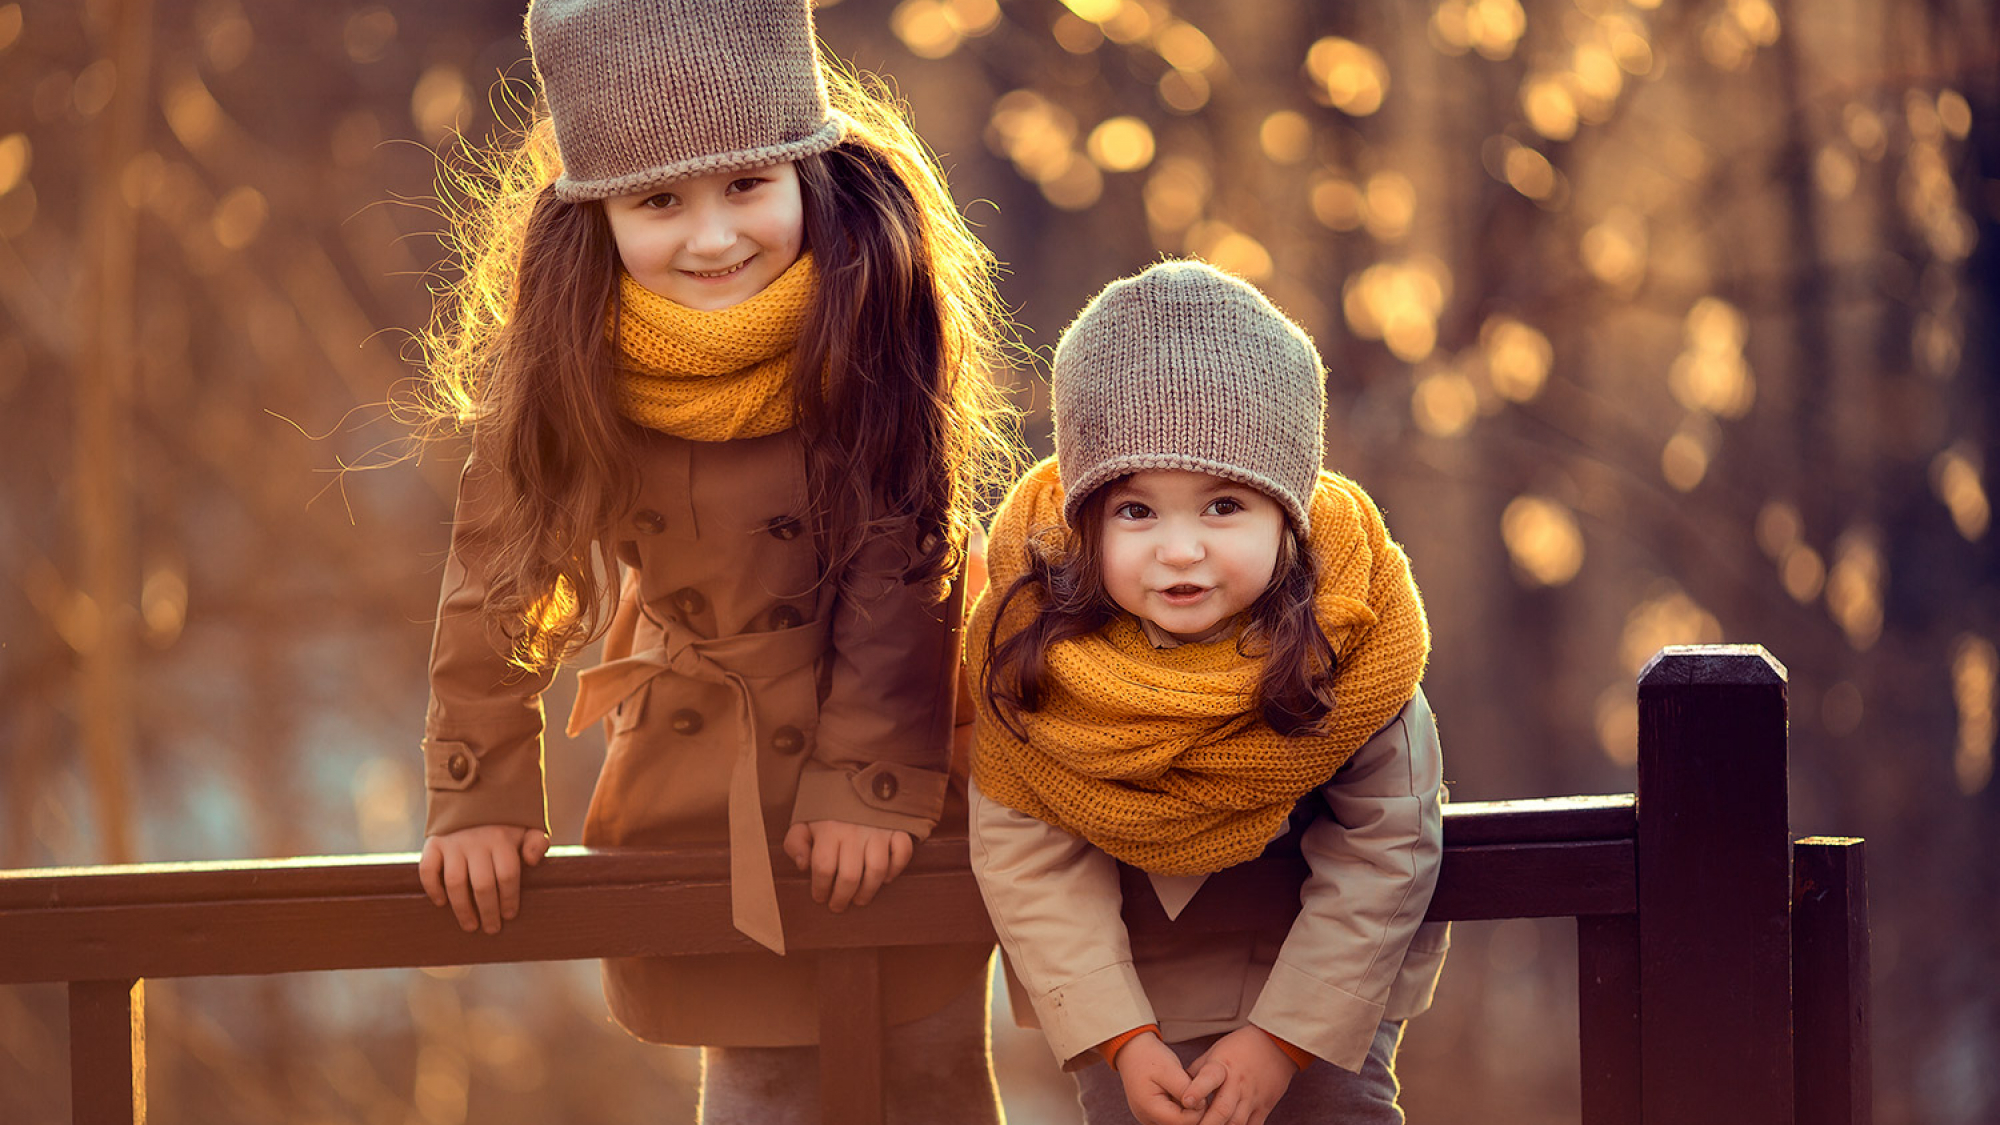 Детские фотосъемки весной на природе. Шоколданые фотосессии весной. Лучший детский фотограф в Москве. Семейный фотограф Катрин Белоцерковская